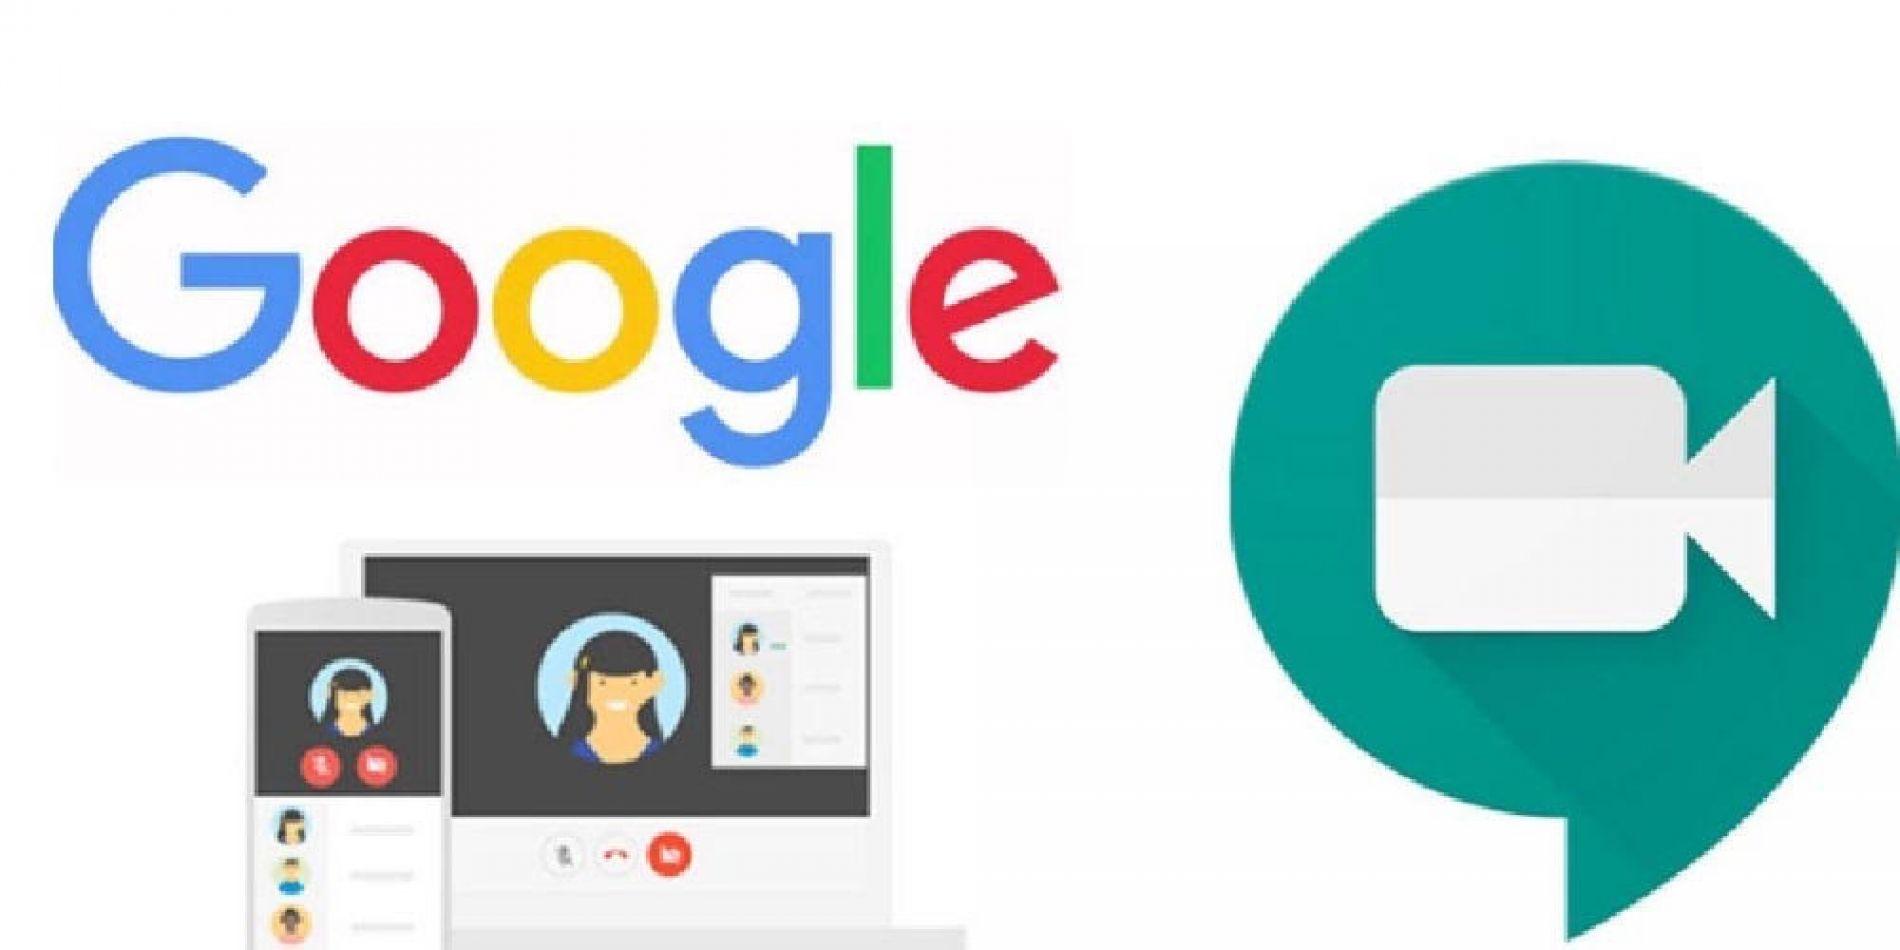 Google Meet: A partir de este mes las llamadas gratuitas duran menos